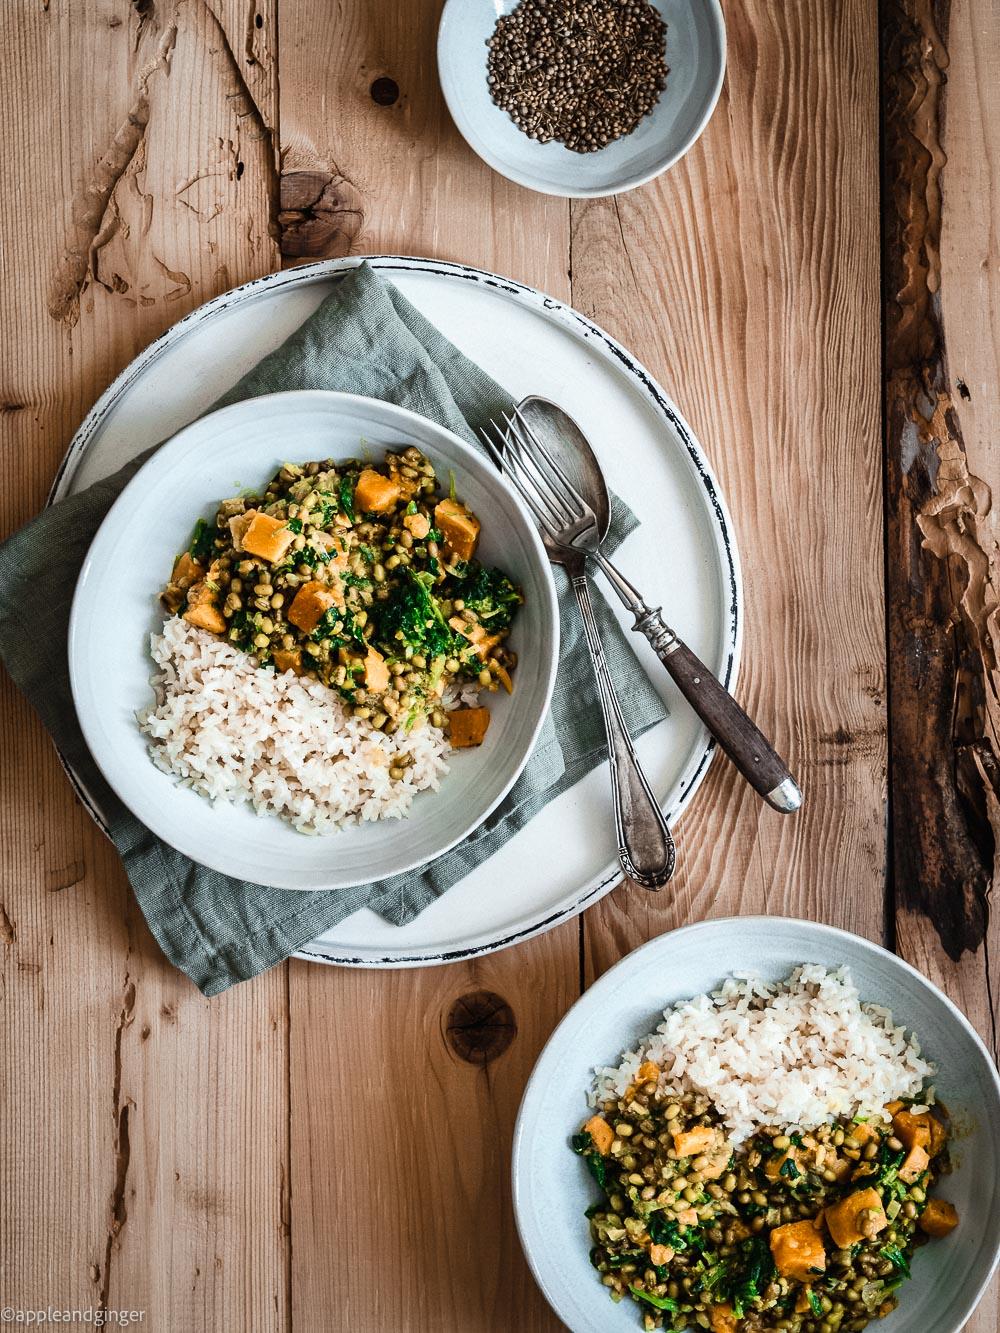 Mungbohnen Curry auf zwei Tellern auf einer Holzplatte